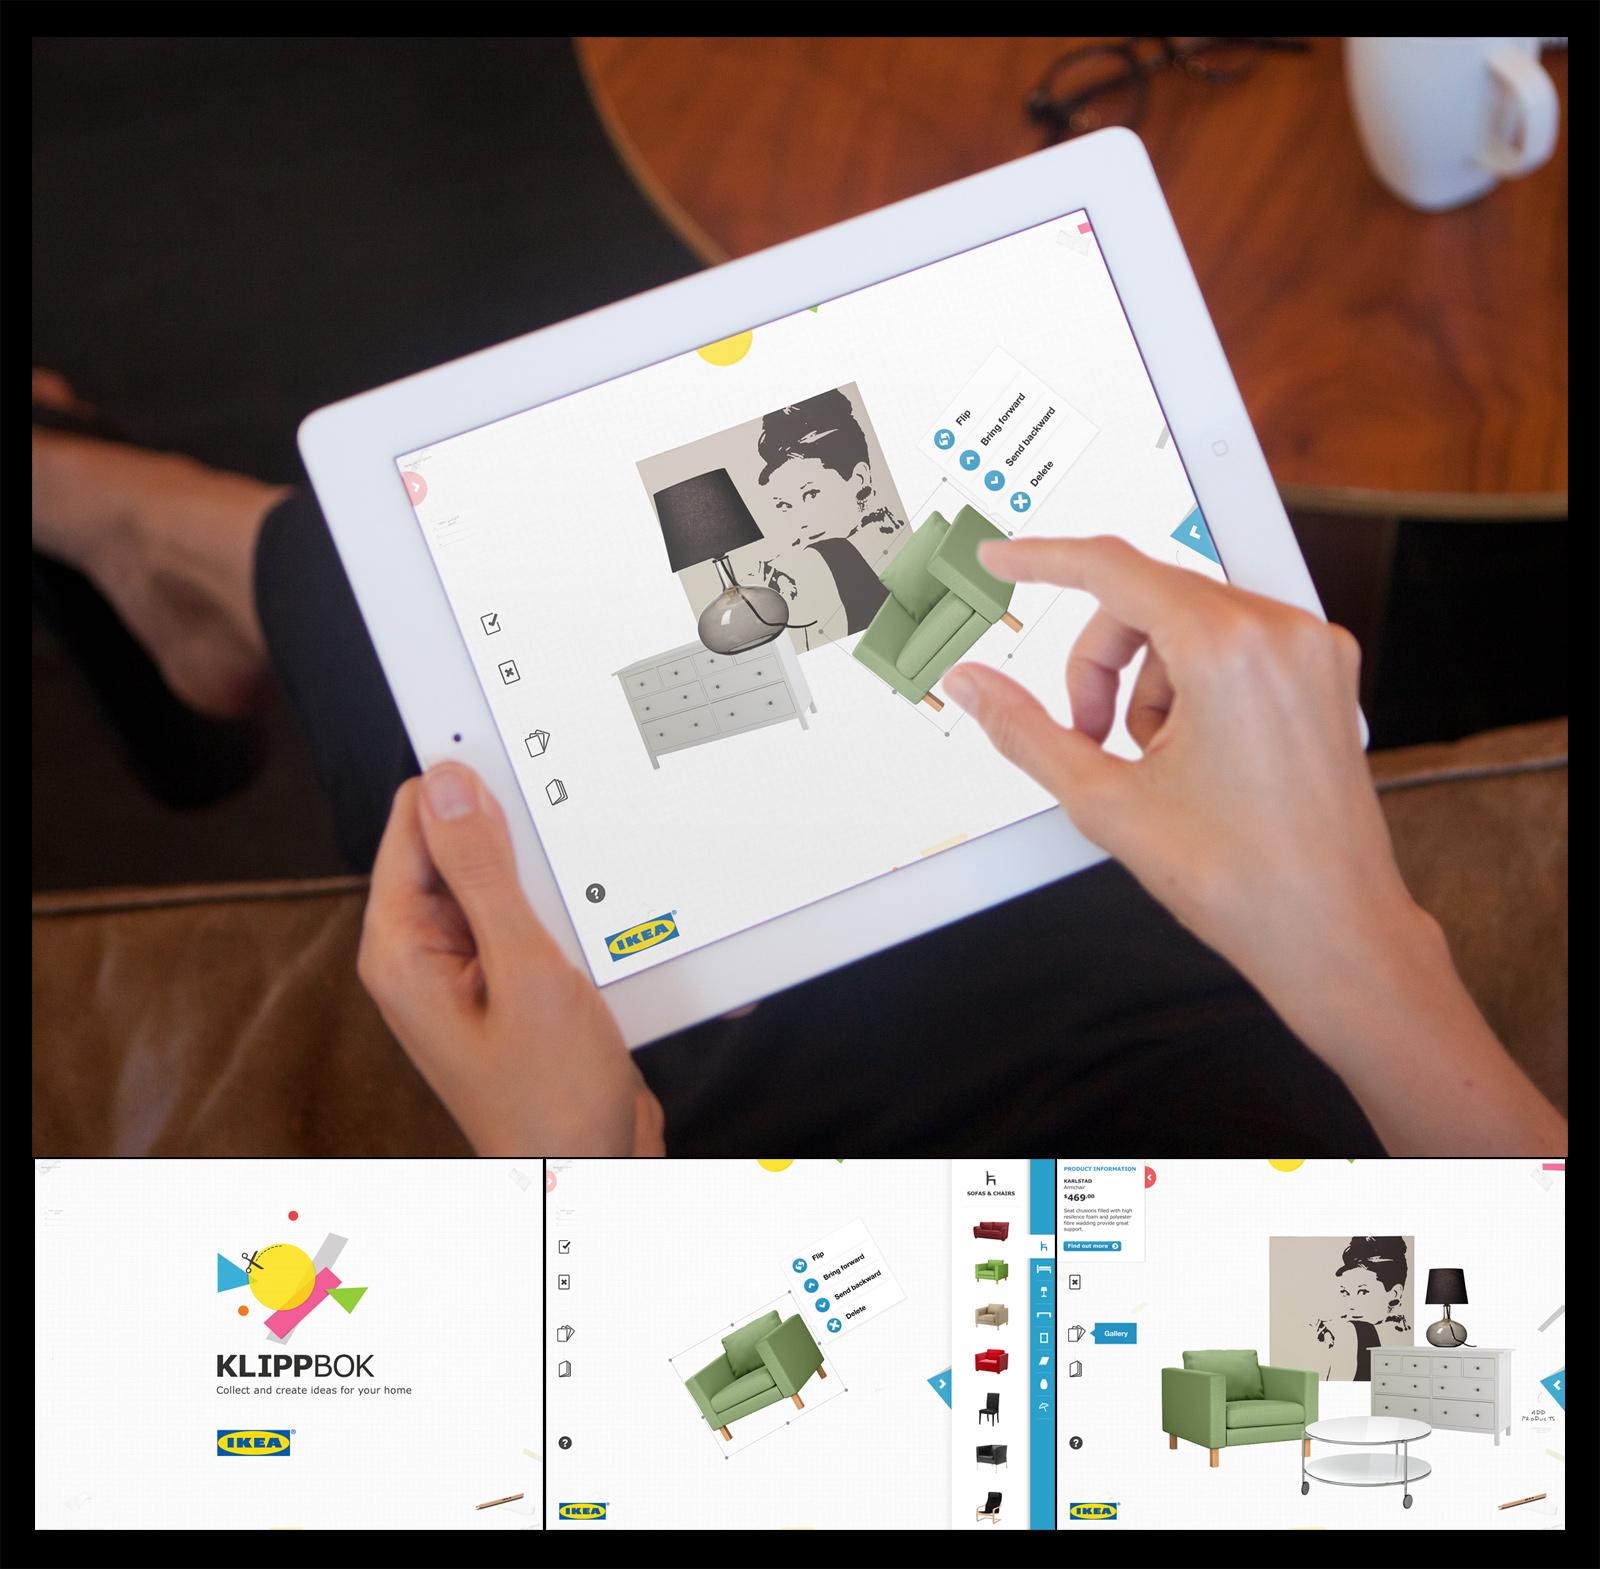 IKEA Digital Advert By The Monkeys: Klippbok iPad App | Ads of the ...